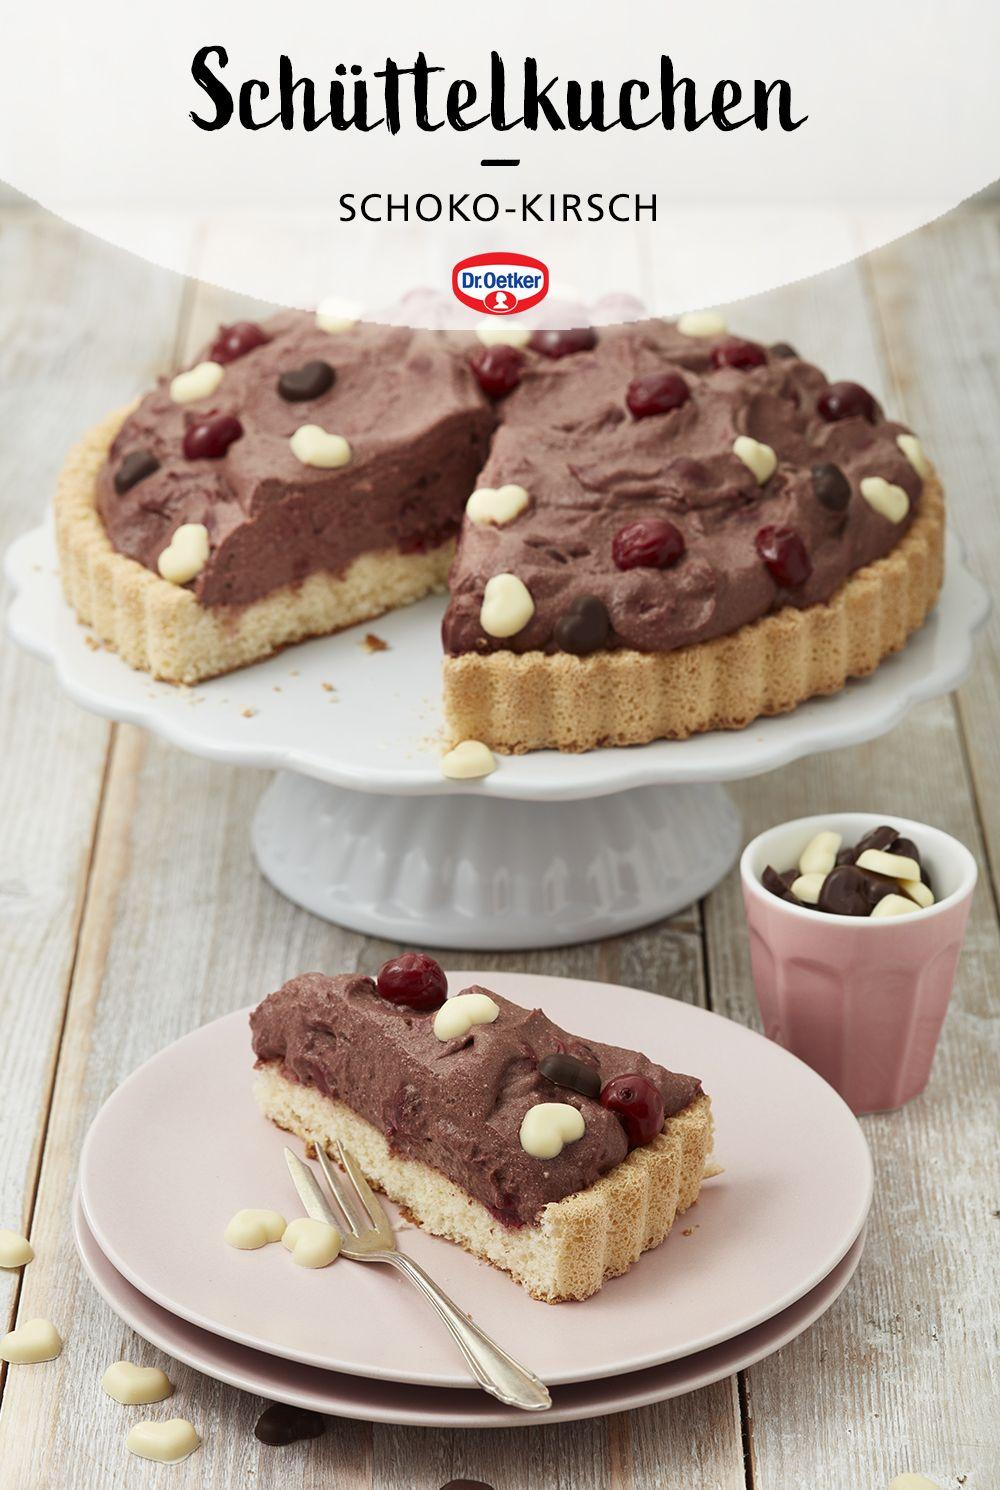 Schuttelkuchen Schoko Kirsch Rezept In 2020 Schuttelkuchen Kuchen Buffet Backzutaten